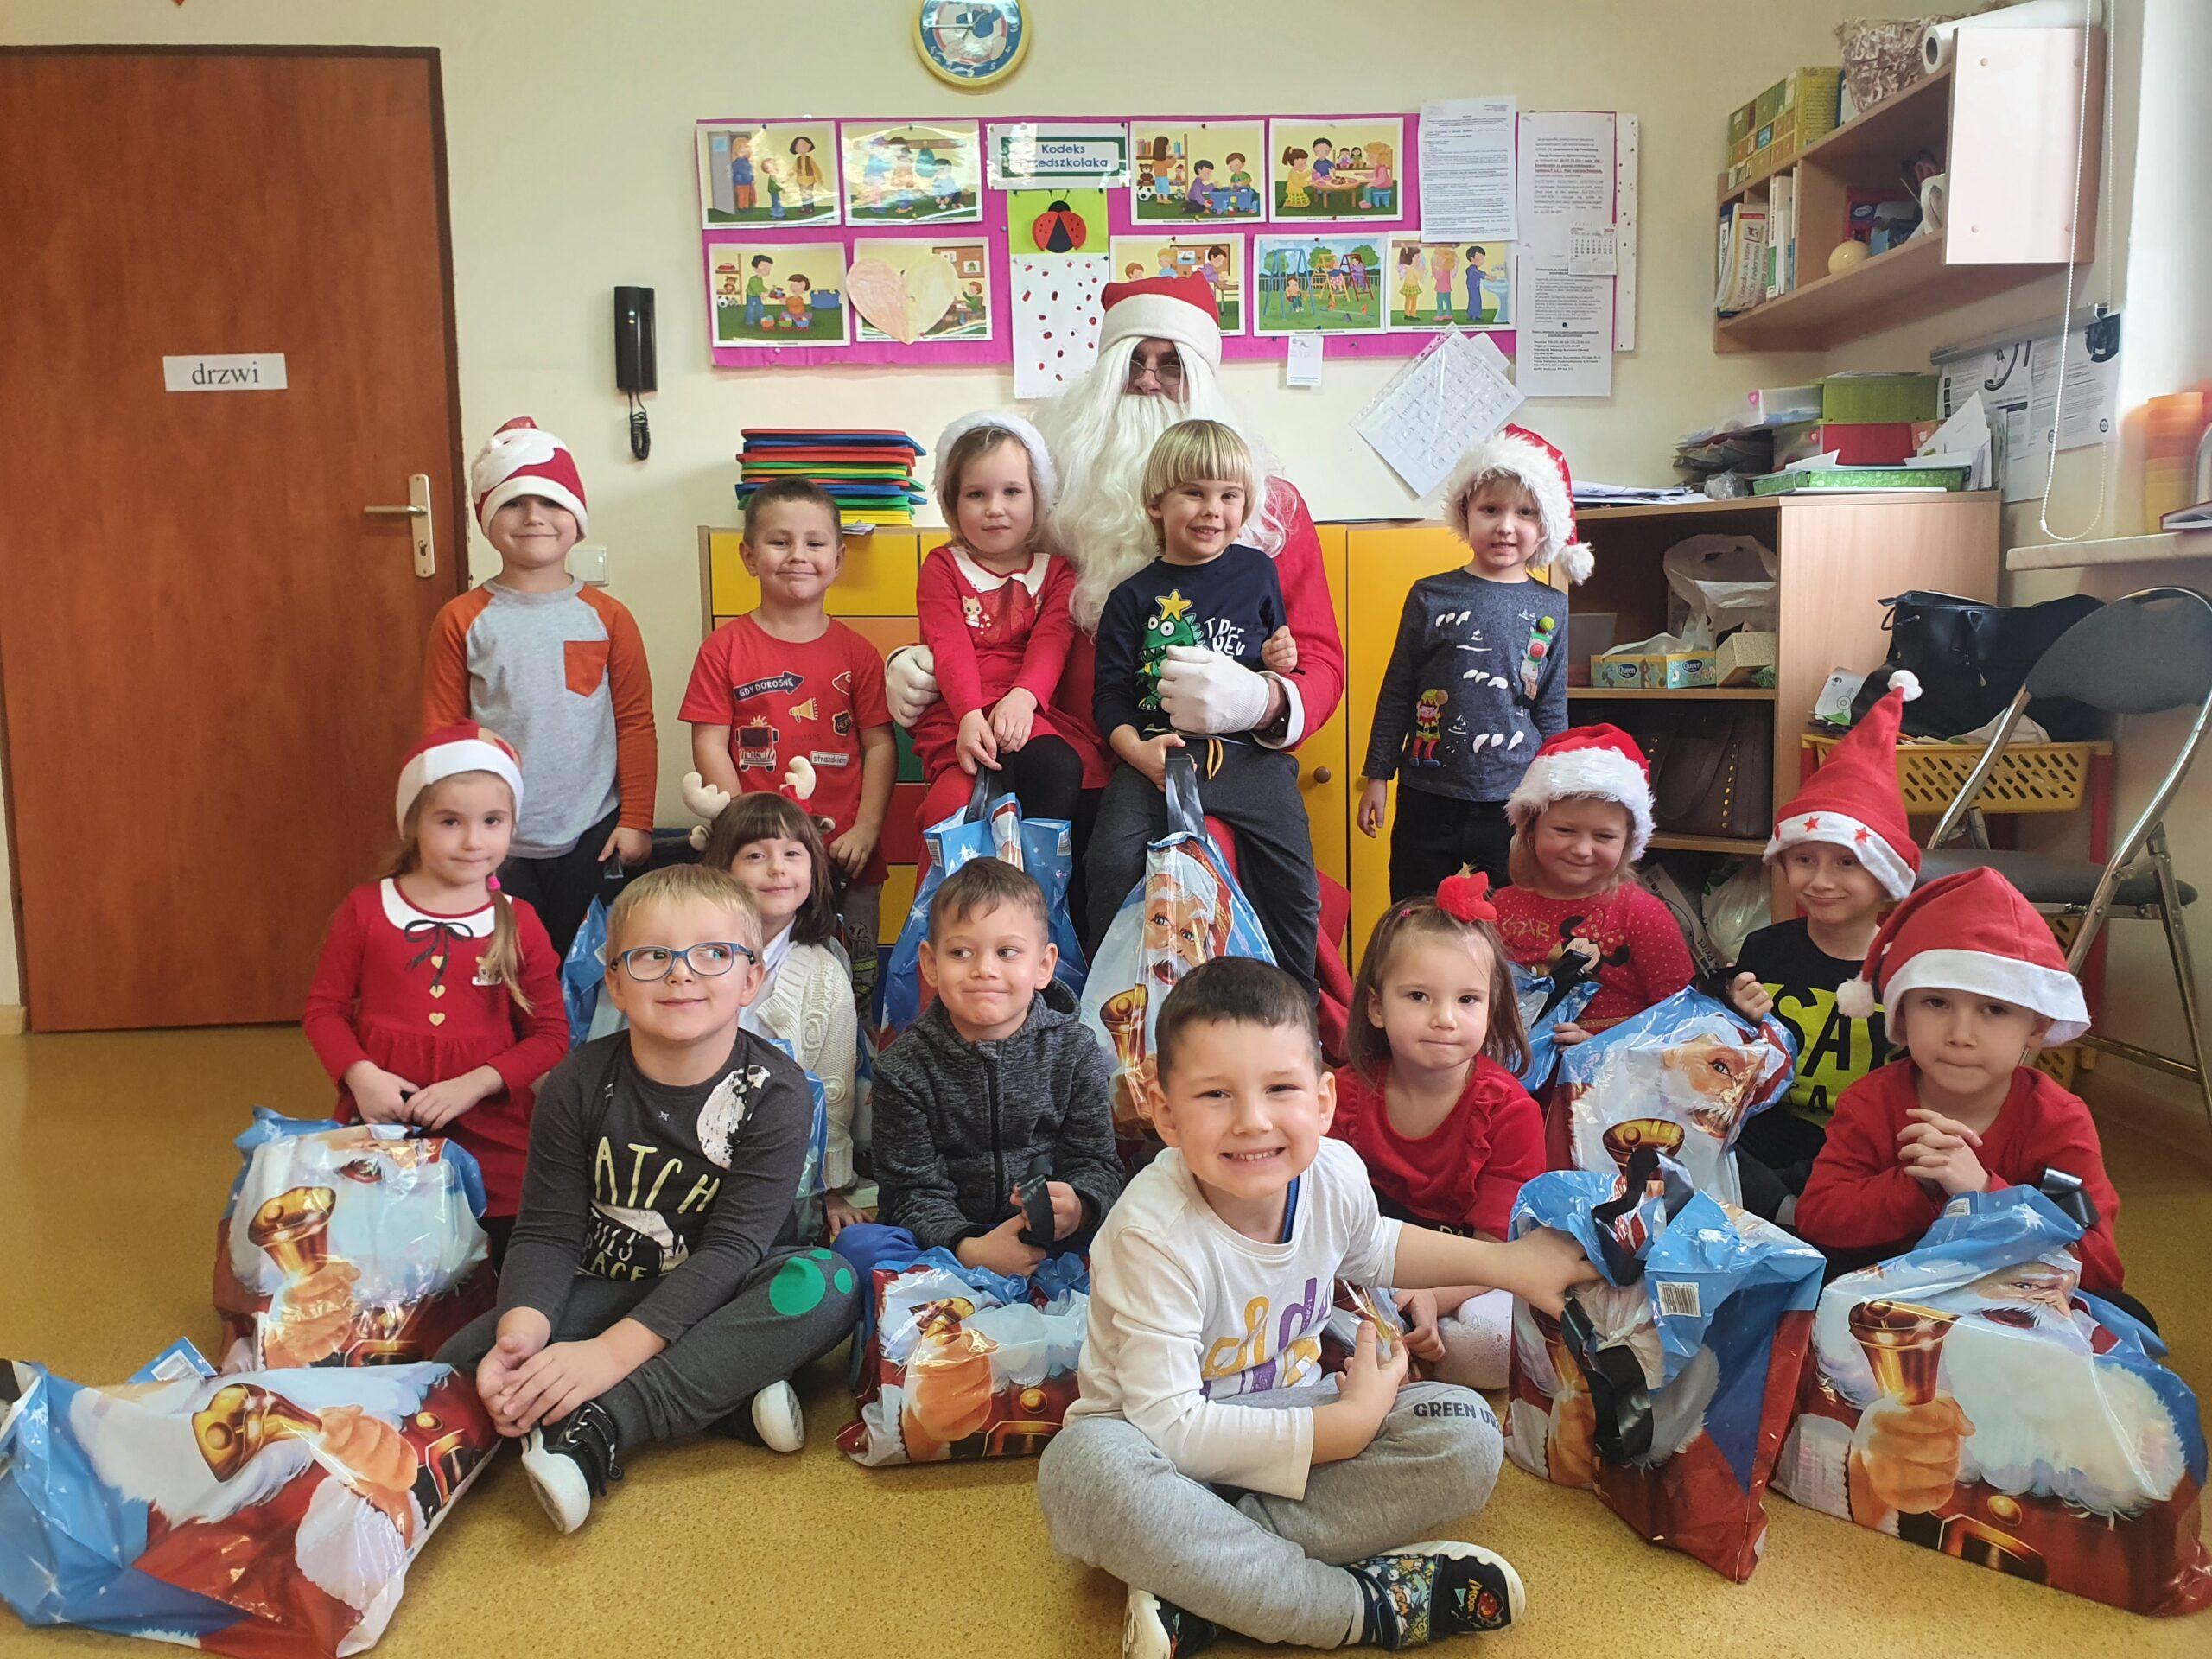 grupa dzieci siedzi i stoi przed Mikołajem, trzymają otrzymane przez niego prezenty, dwoje dzieci siedzi mikołajowi na kolanach